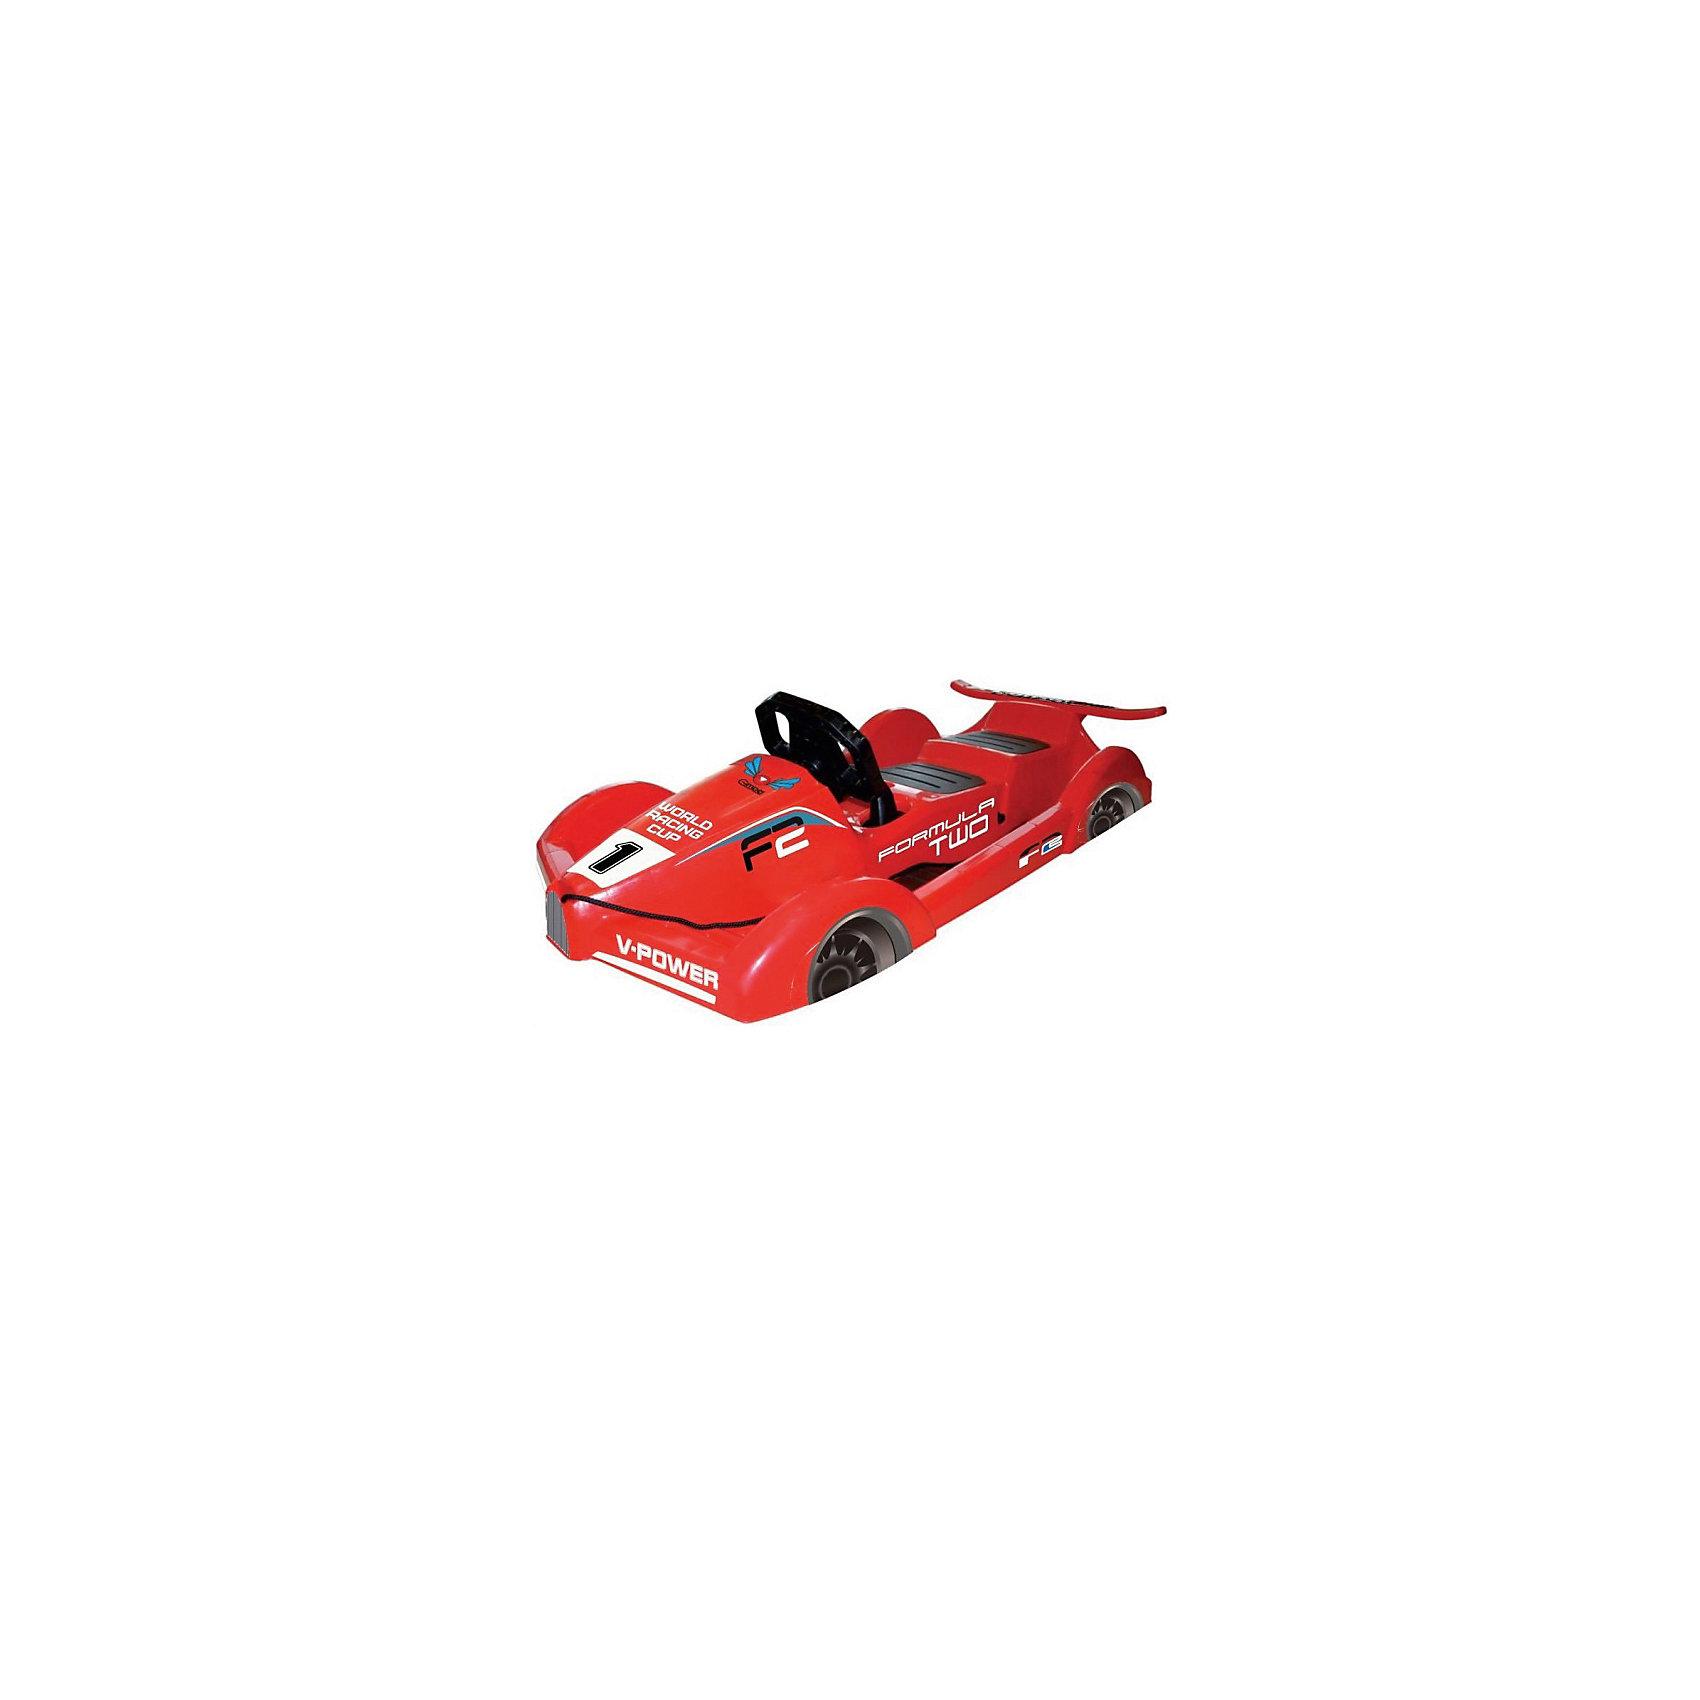 Санки Formula, красный, GimpelСанки Formula, красный, Gimpel (Гимпель).<br><br>Характеристики:<br><br>- Максимальный вес: 90 кг.<br>- Материал: морозостойкий HDPE пластик<br>- Цвет: красный<br>- Длина: 120 см.<br>- Вес: 5,2 кг.<br><br>Двухместные управляемые санки Formula Gimpel (Гимпель) стилизованы под гоночный болид. Яркий и стильный дизайн, спойлер и имитация колес позволят ребенку почувствовать себя настоящим пилотом на снежной трассе. Руль, управляющий скрытыми лыжами, и ручной тормоз обеспечивают манёвренность и контроль движения. Также санки оснащены буксировочным тросом с удобной ручкой. Сиденья выполнены из пластика с антискользящим покрытием. Ударопрочный корпус, изготовленный из морозоустойчивого пластика, обладает повышенной износостойкостью. Явным преимуществом санок является то, что они рассчитаны на 2 детей.<br><br>Санки Formula, красные, Gimpel (Гимпель) можно купить в нашем интернет-магазине.<br><br>Ширина мм: 1200<br>Глубина мм: 520<br>Высота мм: 330<br>Вес г: 5200<br>Возраст от месяцев: 36<br>Возраст до месяцев: 144<br>Пол: Мужской<br>Возраст: Детский<br>SKU: 5329968